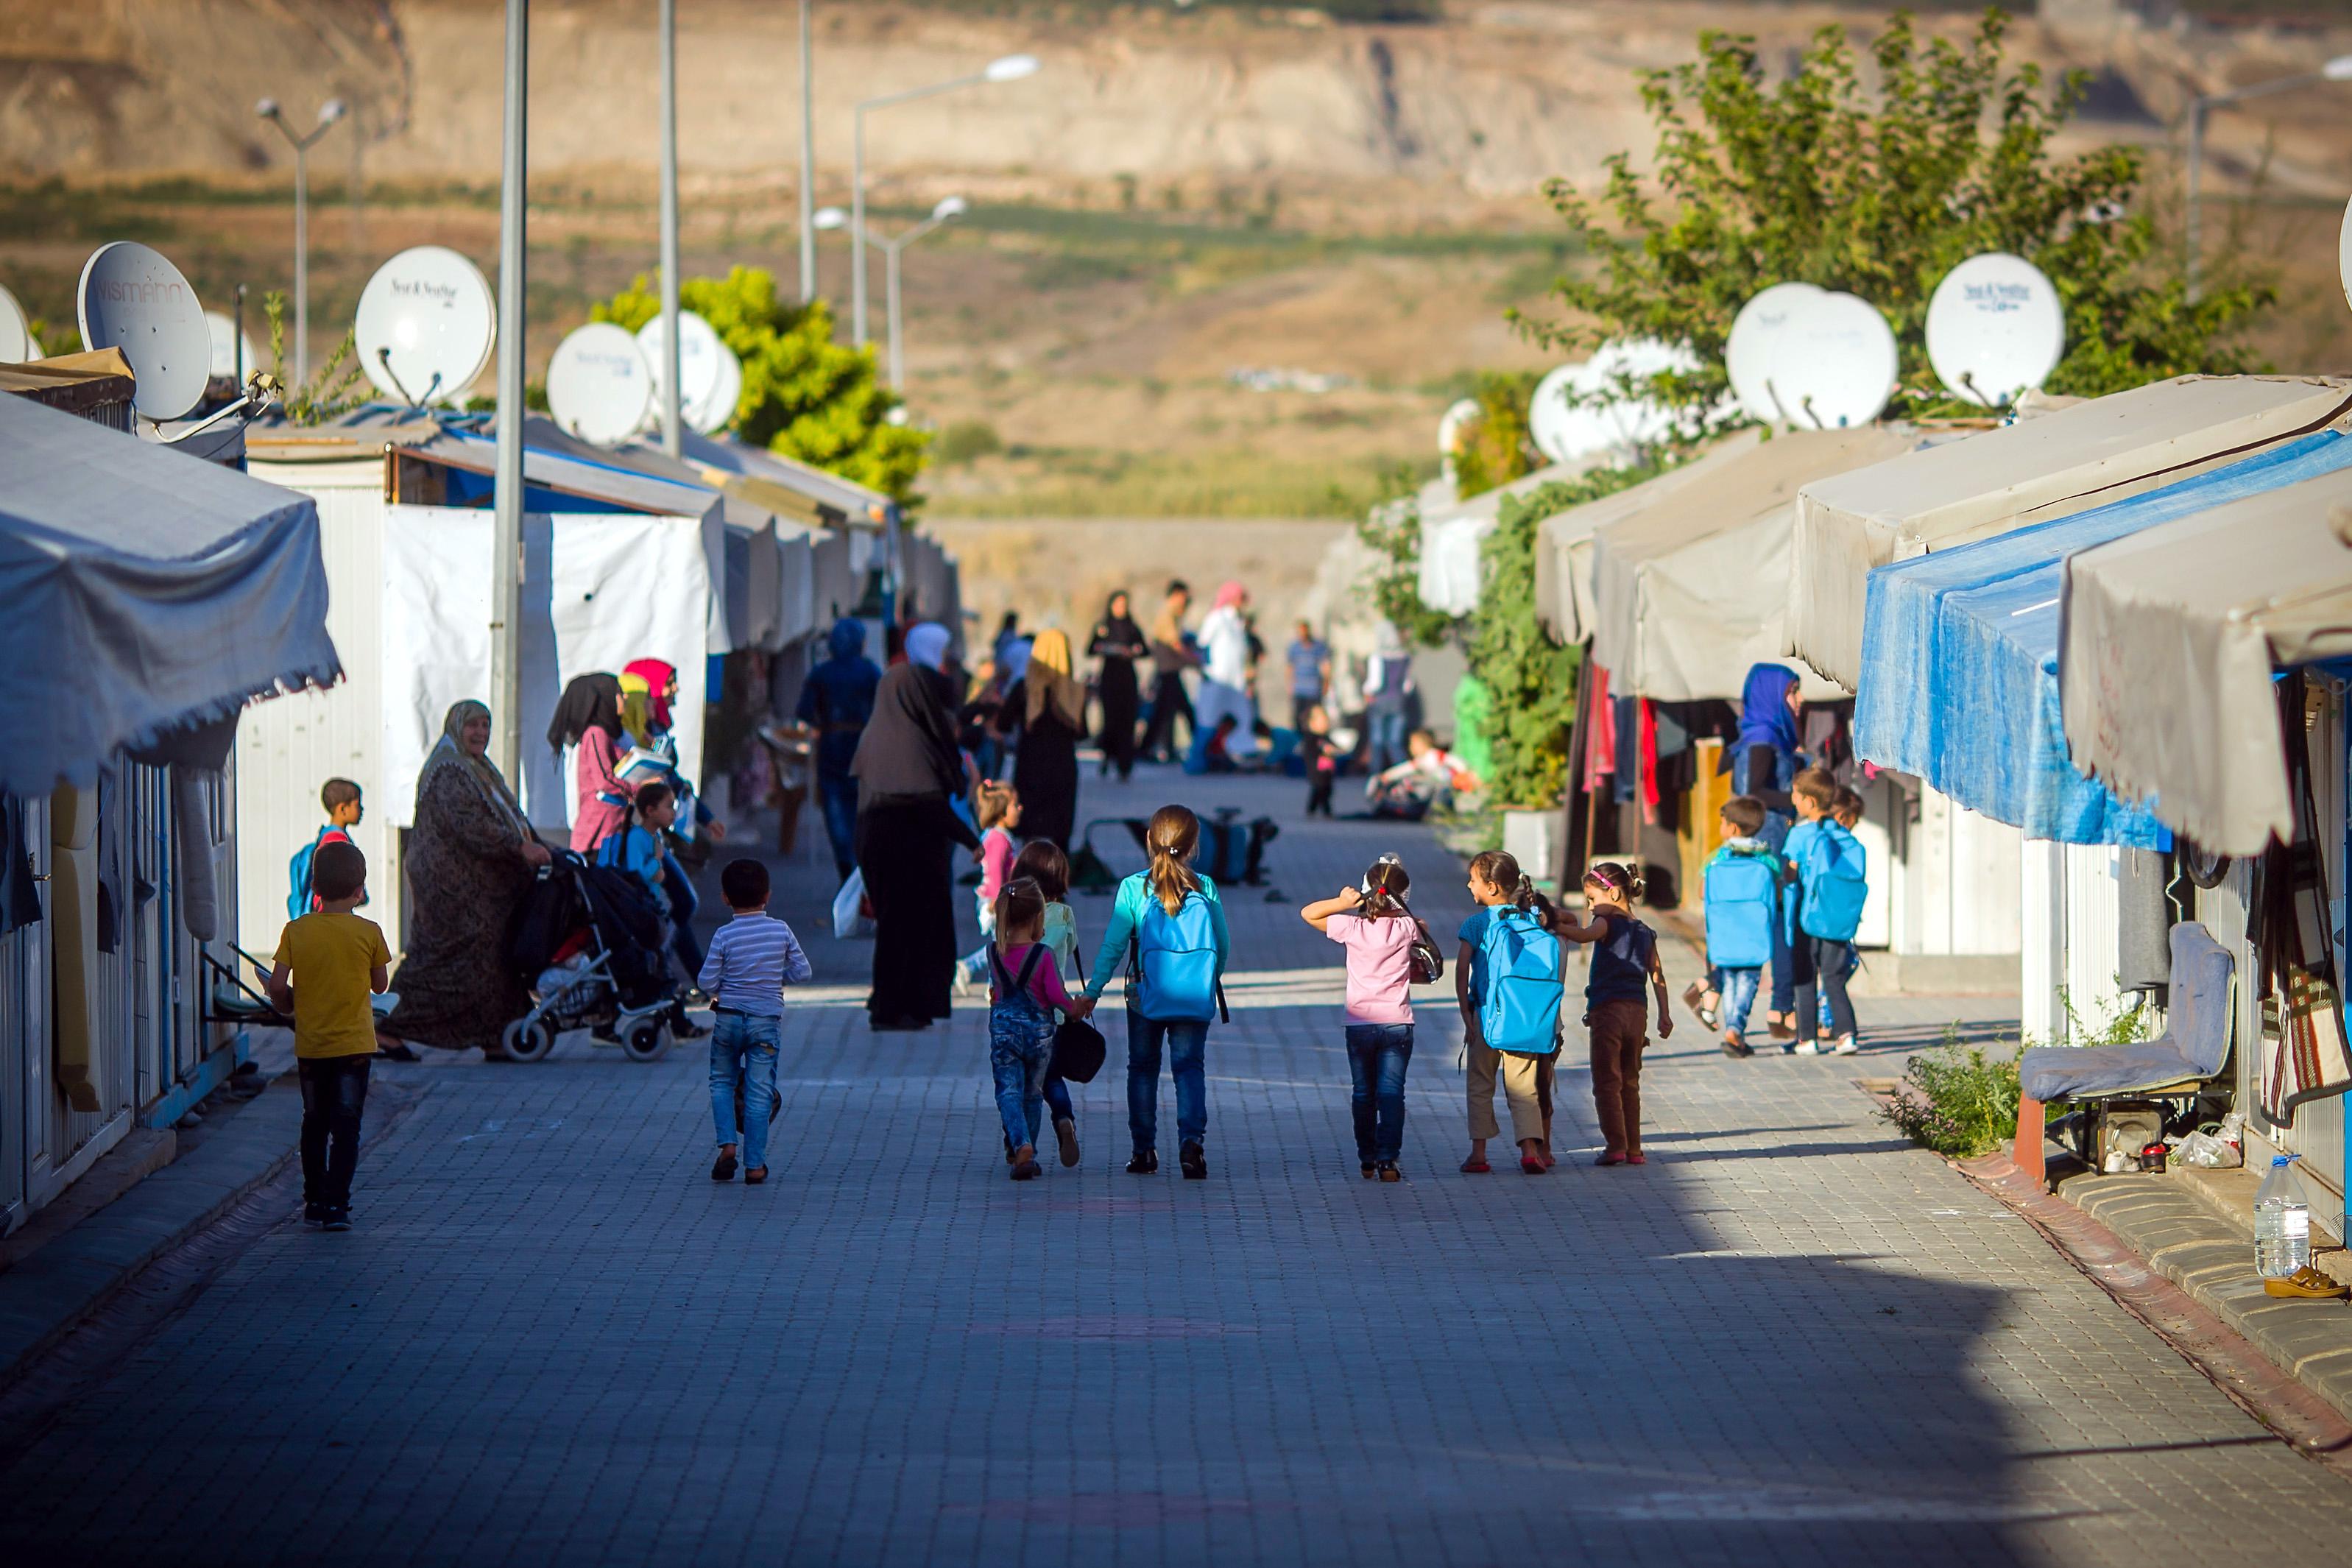 Syrische Flüchtlinge in einem Camp in Nizip, Türkei